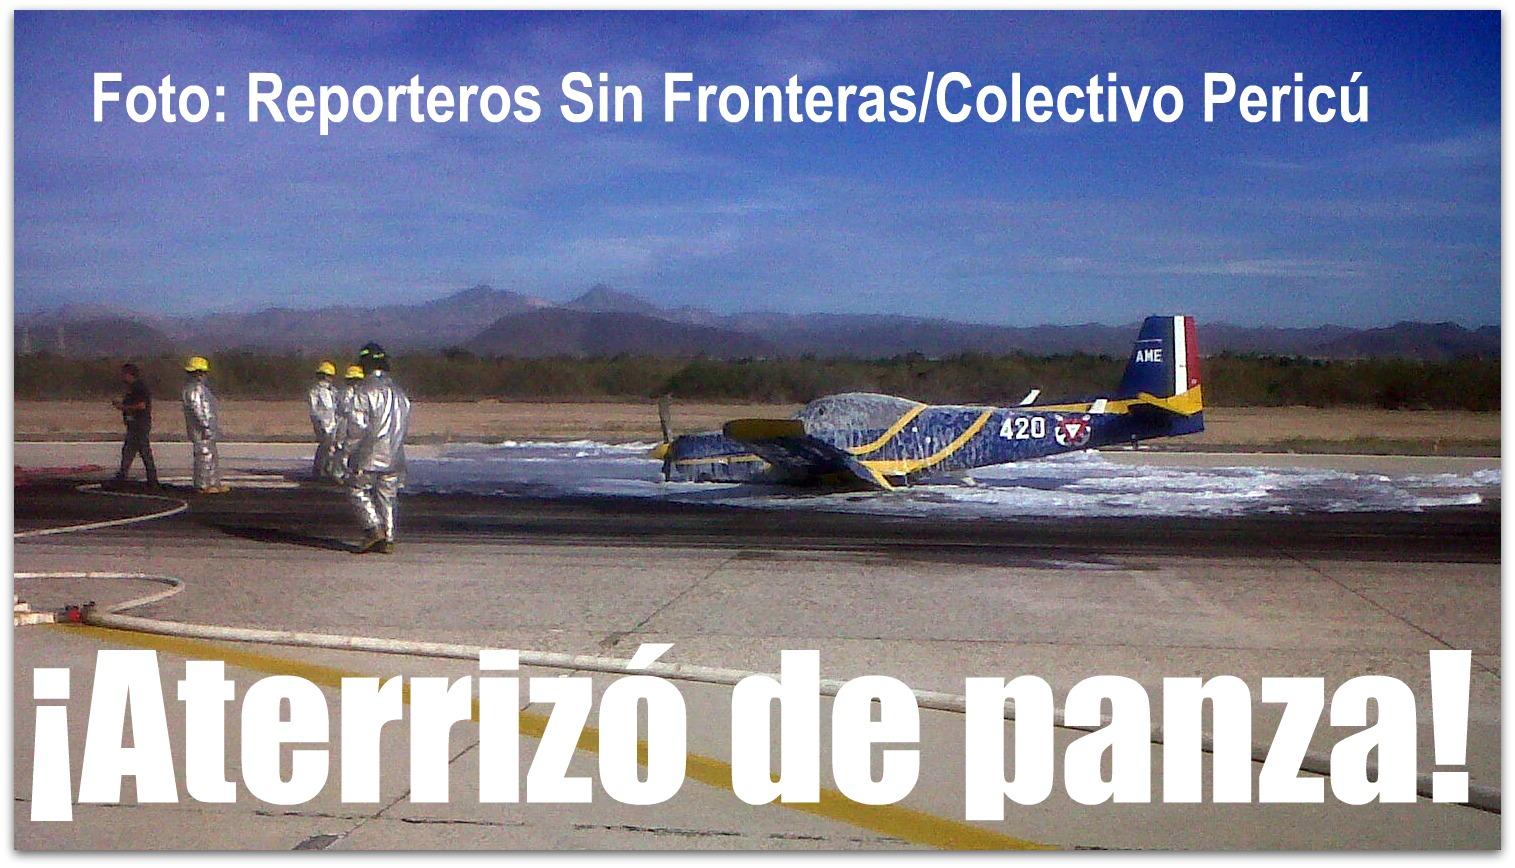 Accidentes de Aeronaves de la SEMAR. Noticias,comentarios,fotos,videos.  Avion-aeropuerto-de-la-paz